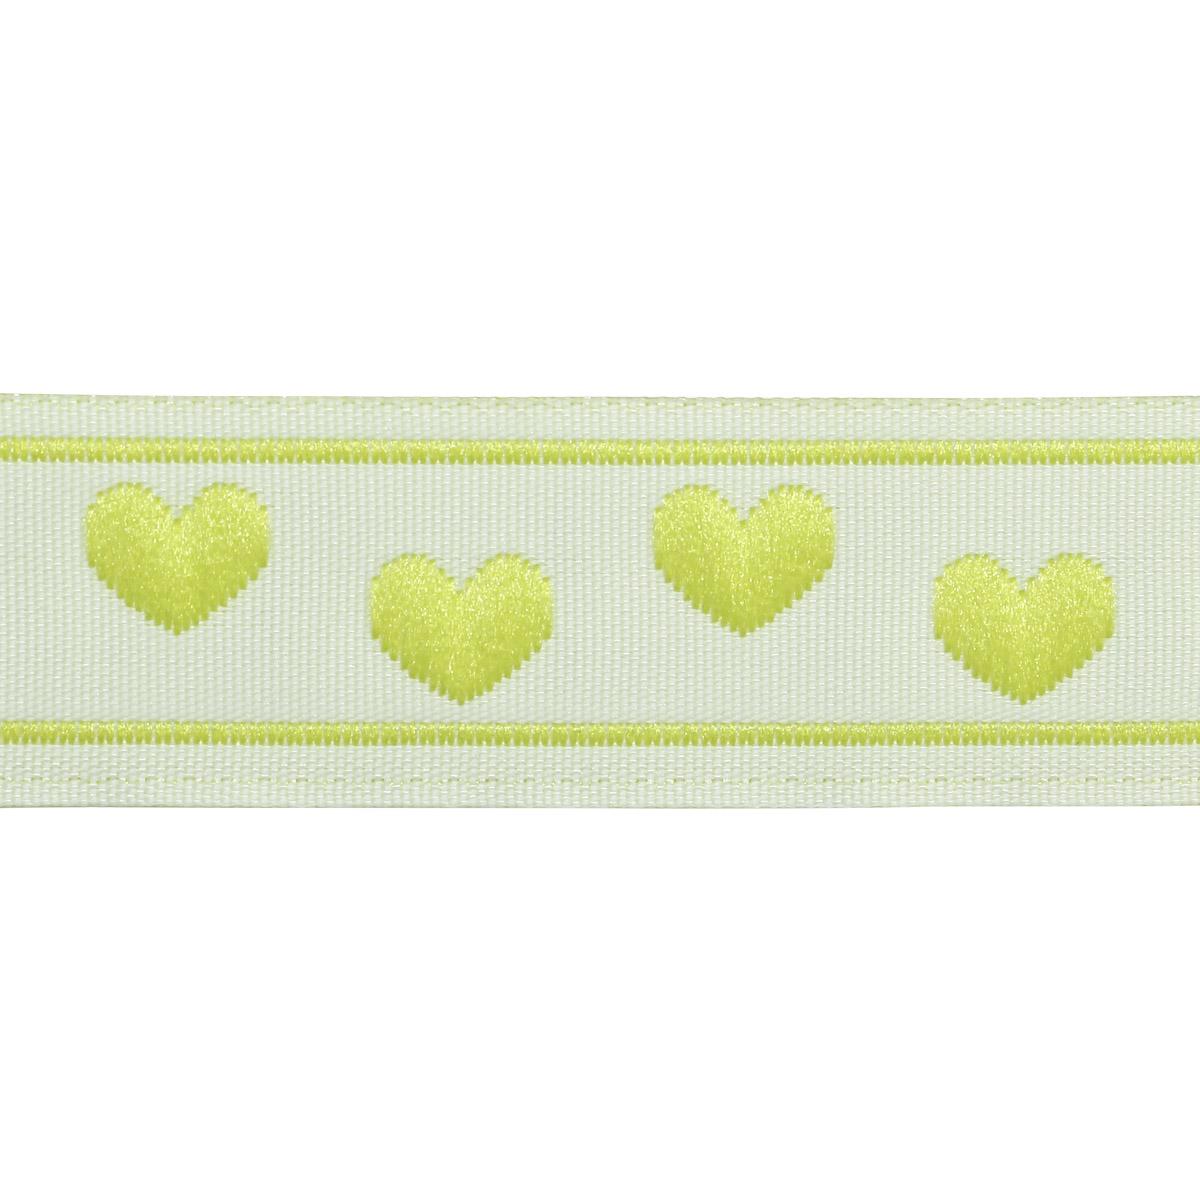 05-03504/17 Тесьма жаккардовая 17мм салат 'сердечки' ГР